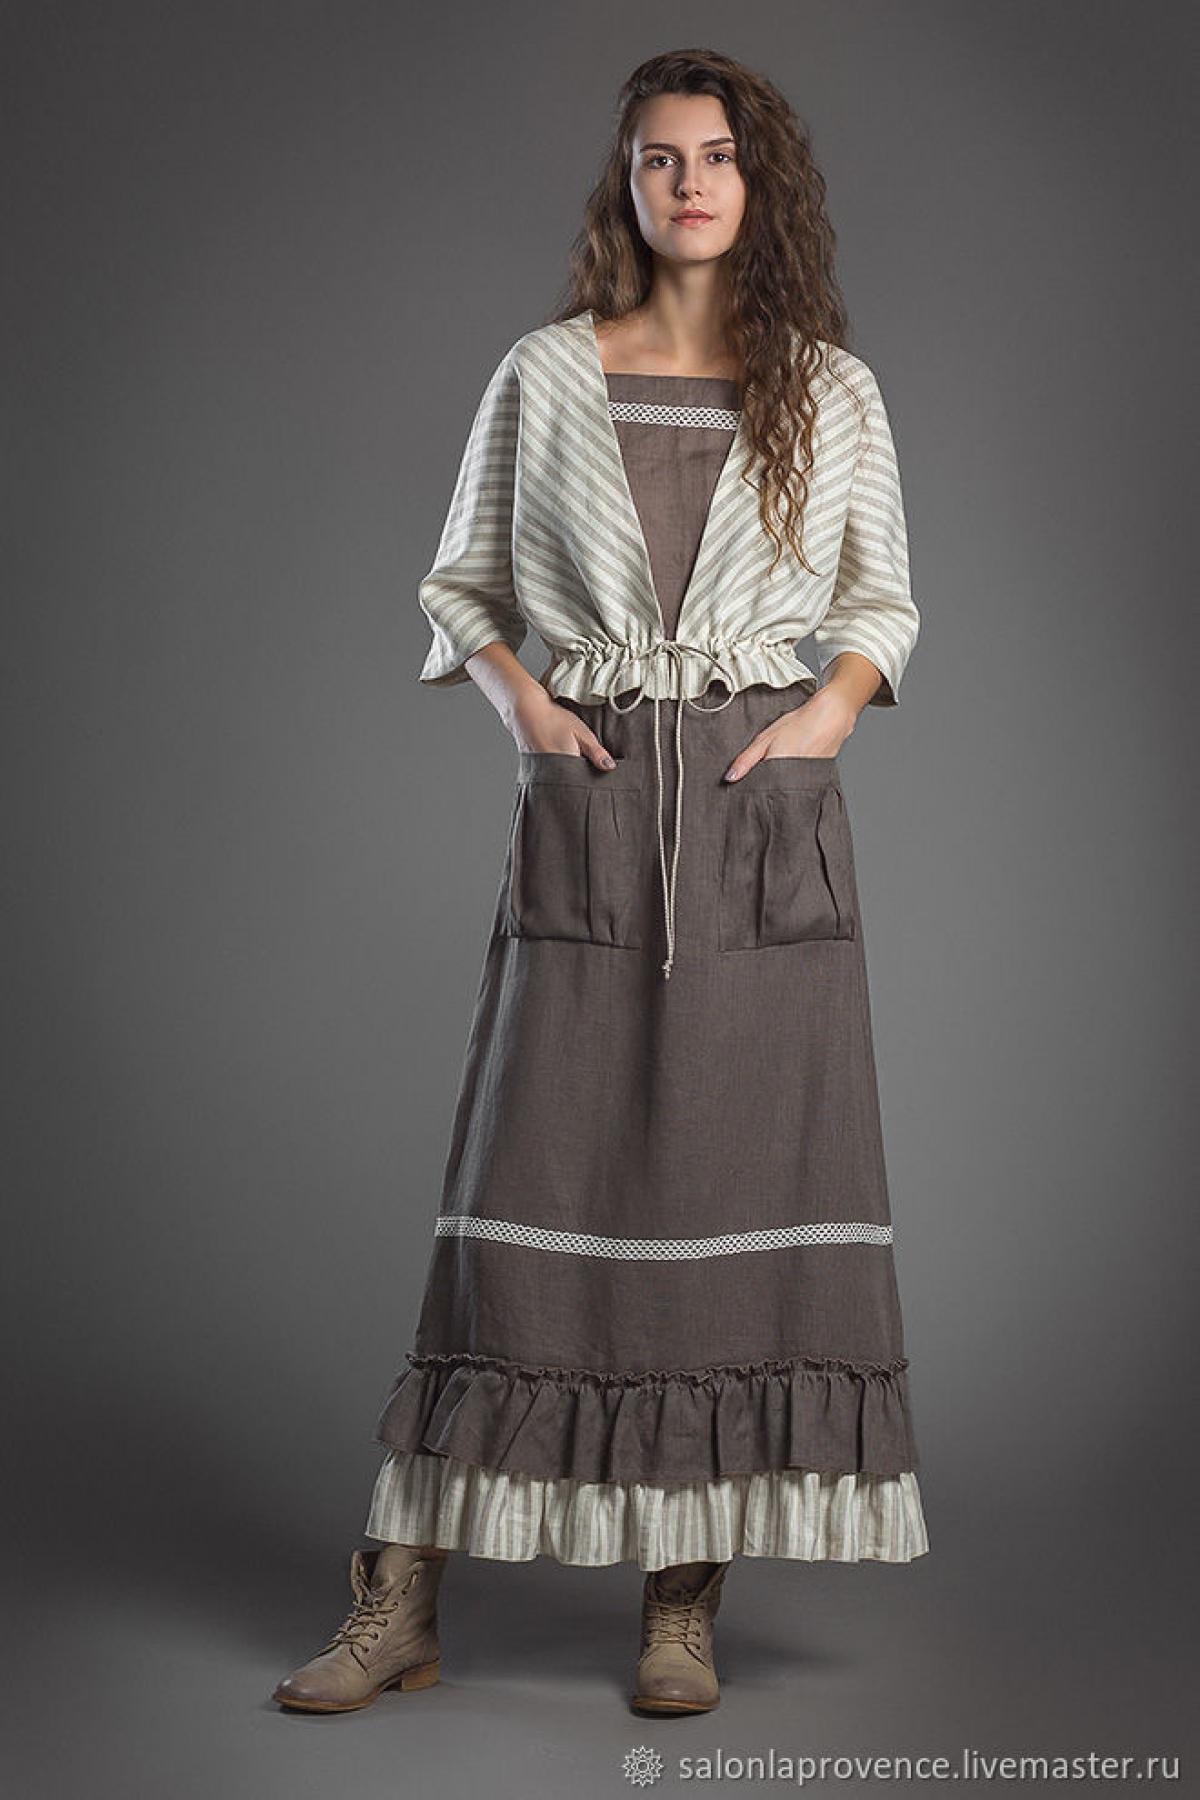 Комплект жакет в полоску , маечка и юбка с полосатой оборкой - suzdalshop